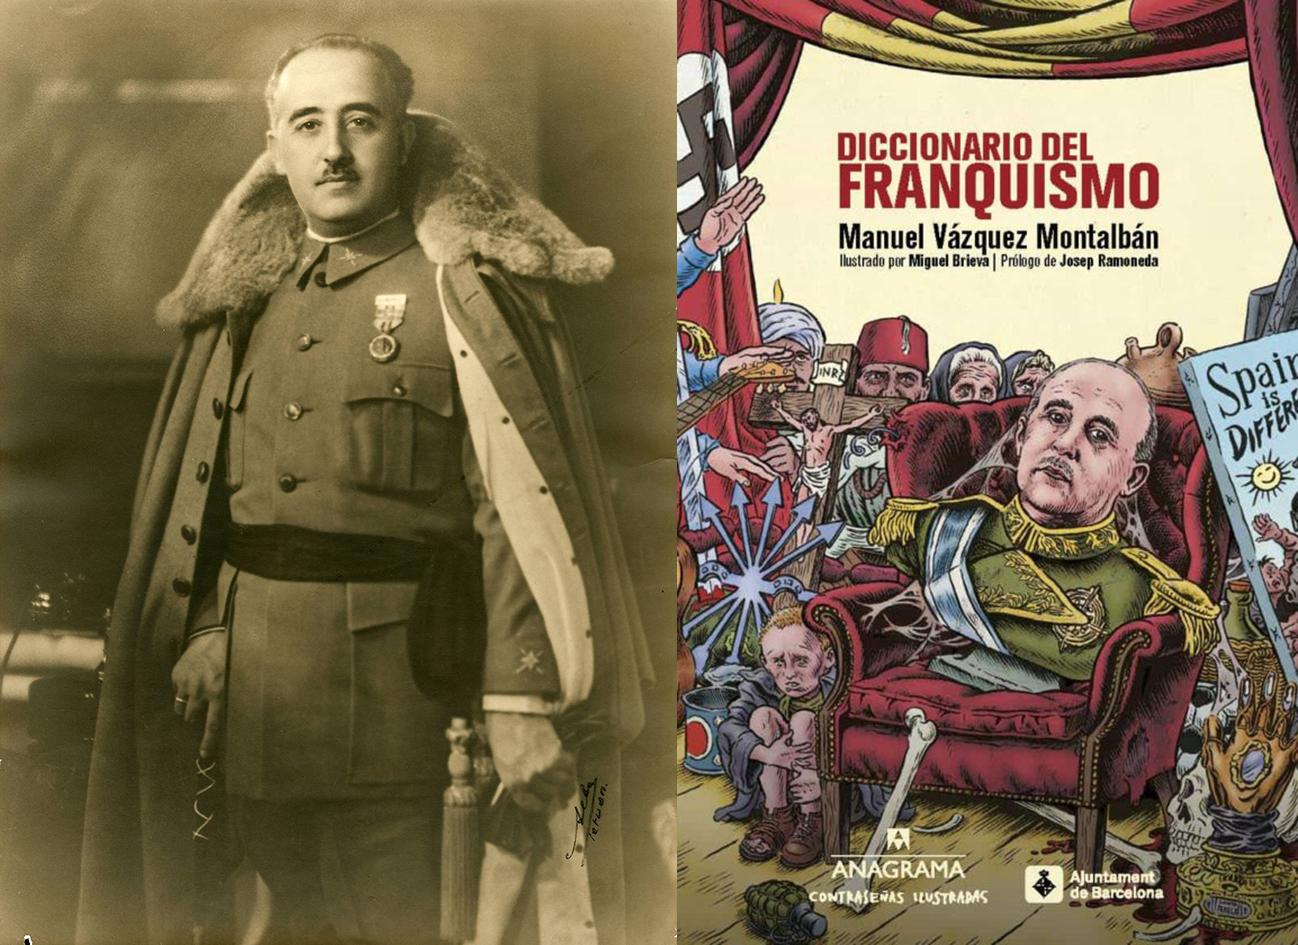 """El galán del No-Do y cubierta del """"Diccionario del franquismo"""" (Ed. Anagrama)."""